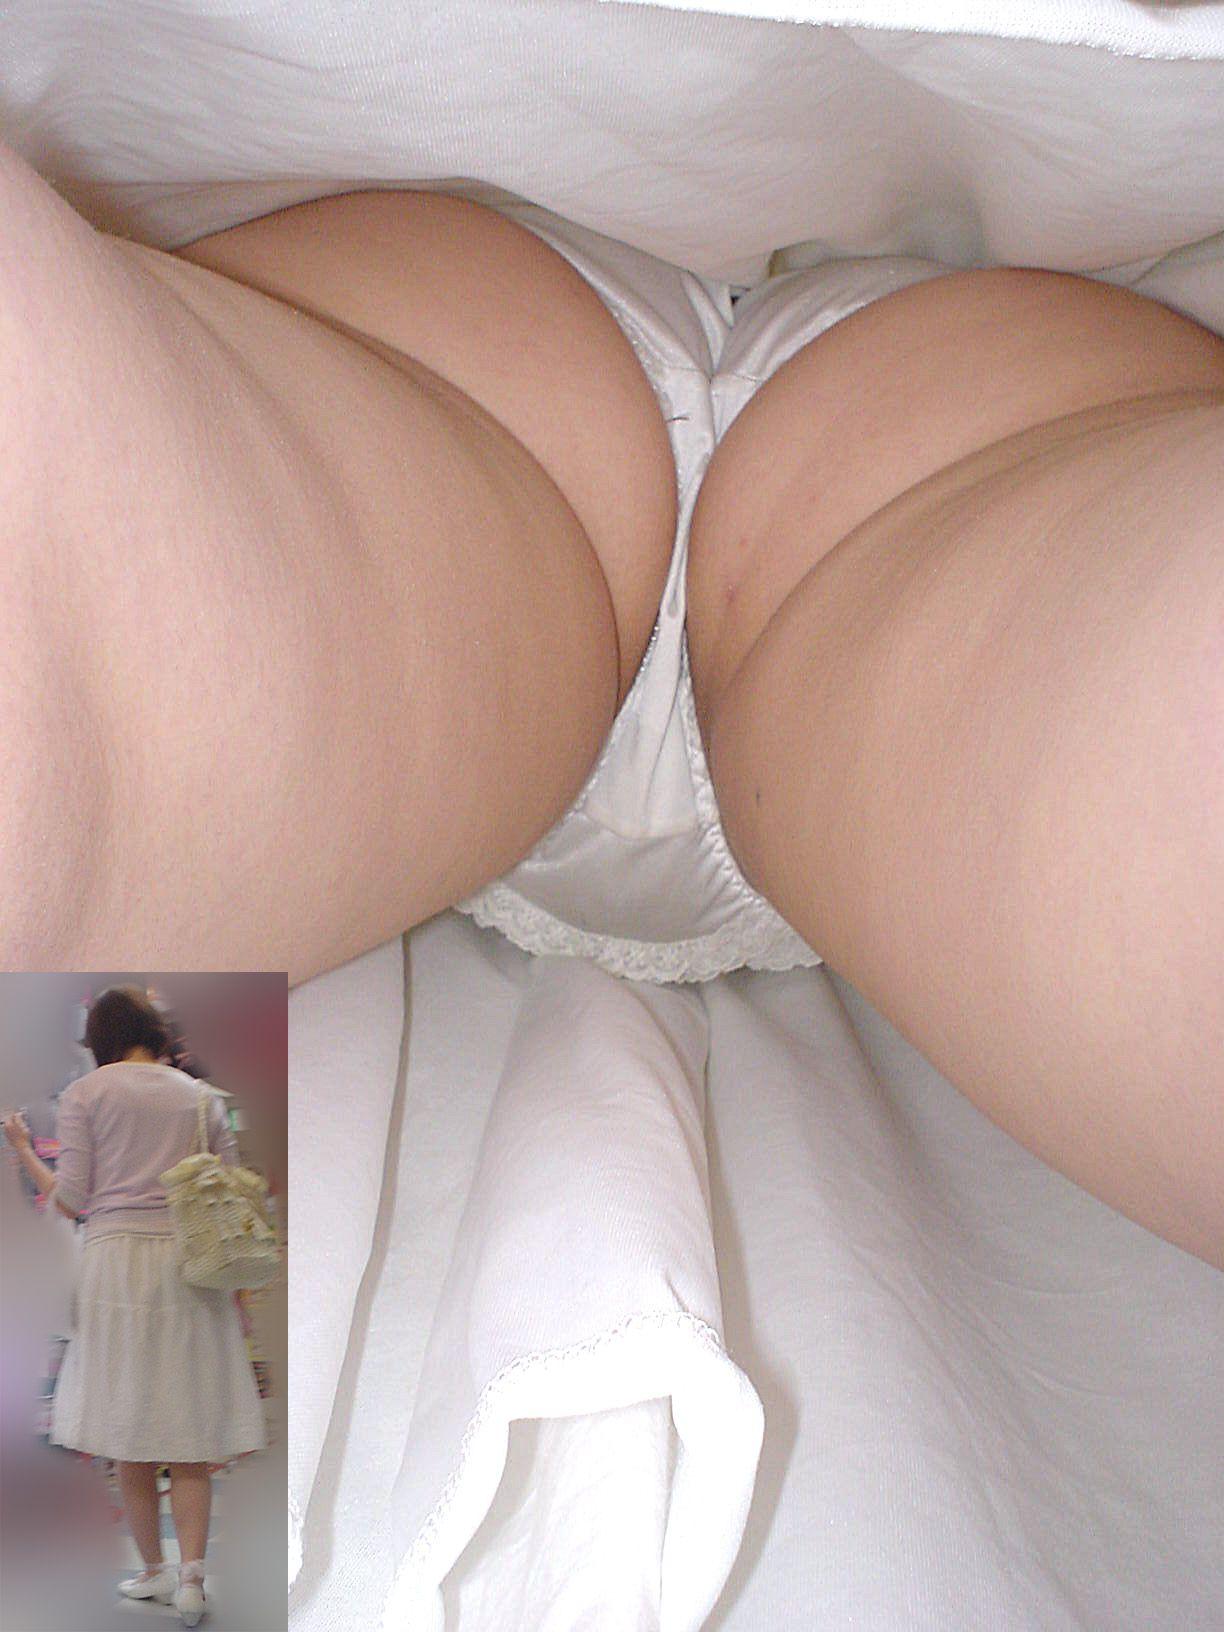 【逆さ撮りパンチラ】ロングスカートを逆さ撮り攻略! 07